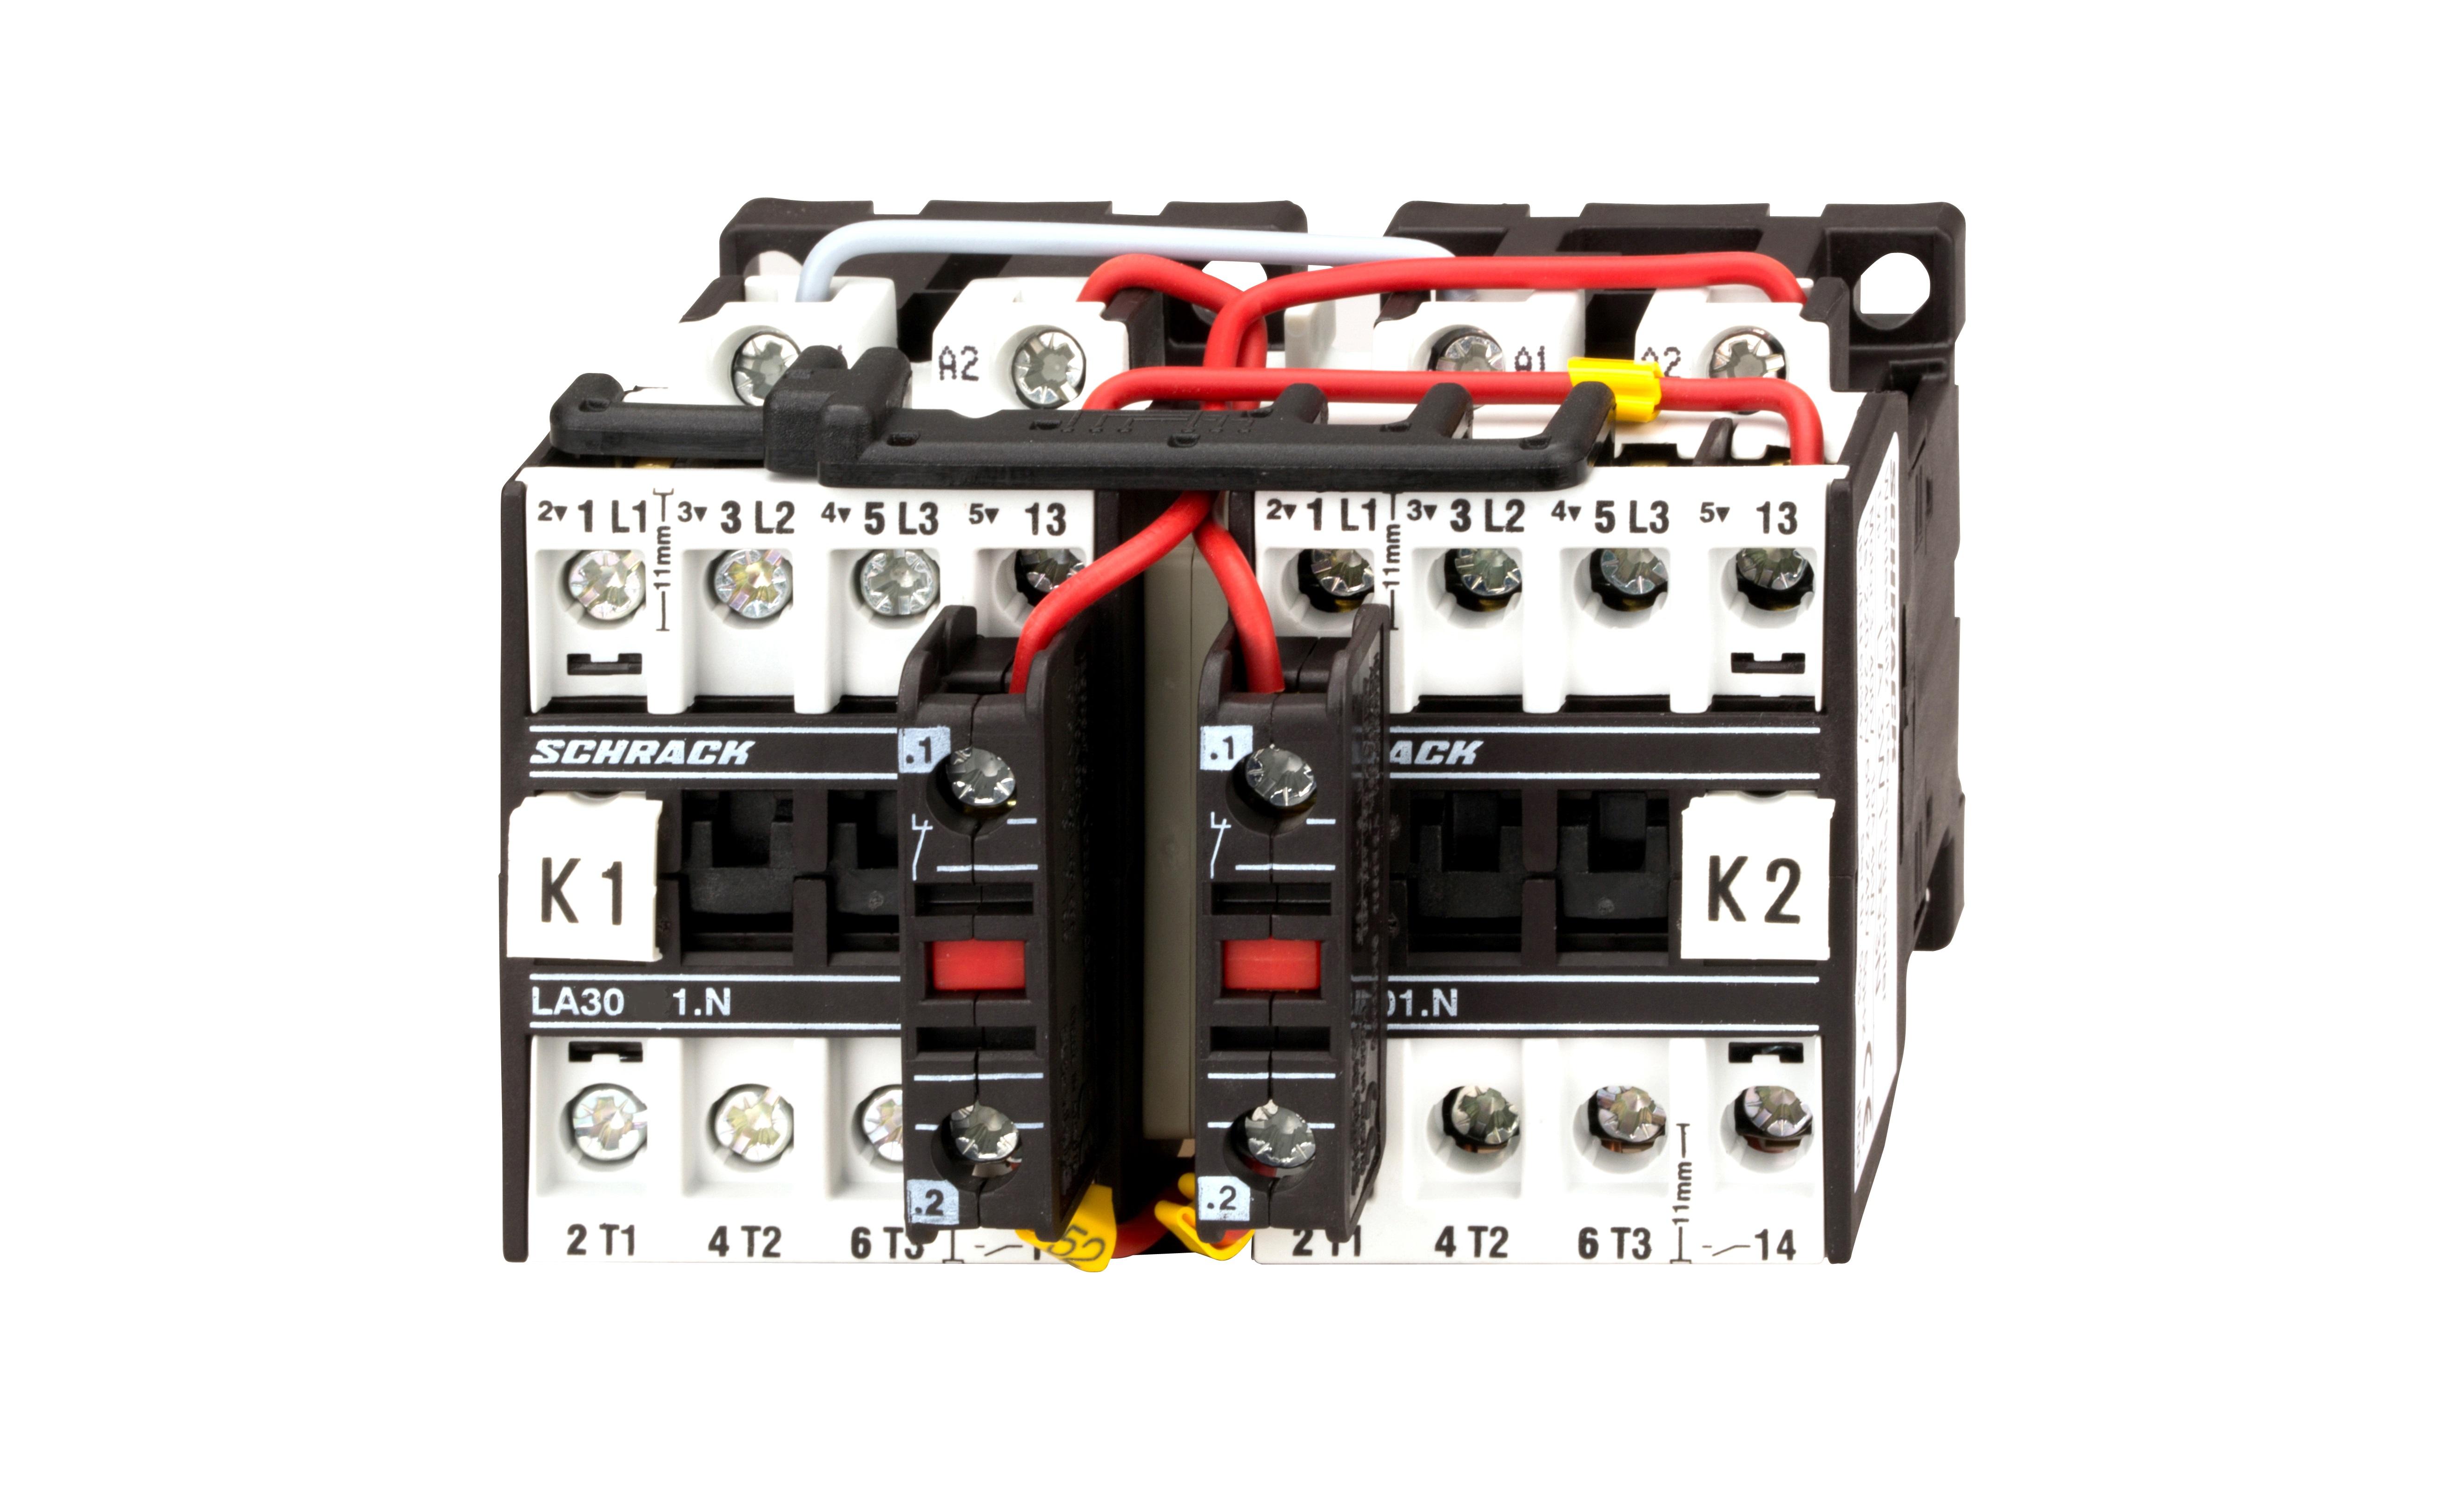 1 Stk Wendeschützkombination 10A, 4kW, 230VAC LA3W10W3--